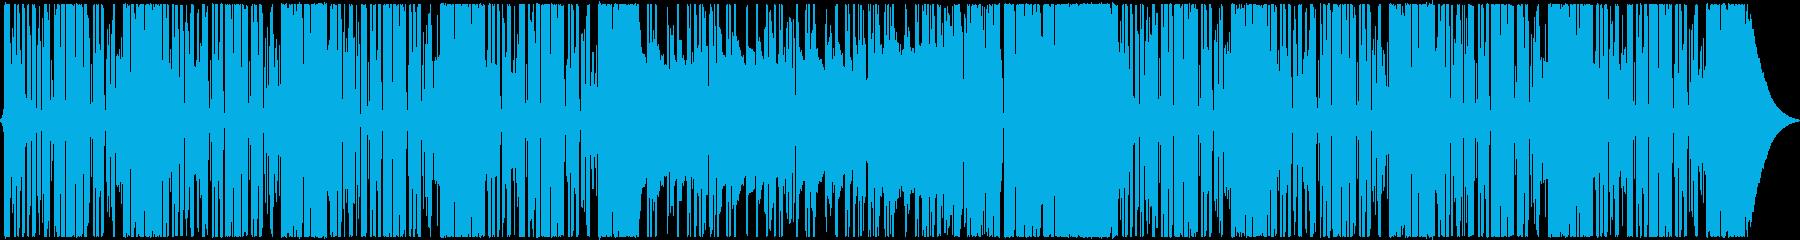 シンプルで明るいフューチャーベースEDMの再生済みの波形